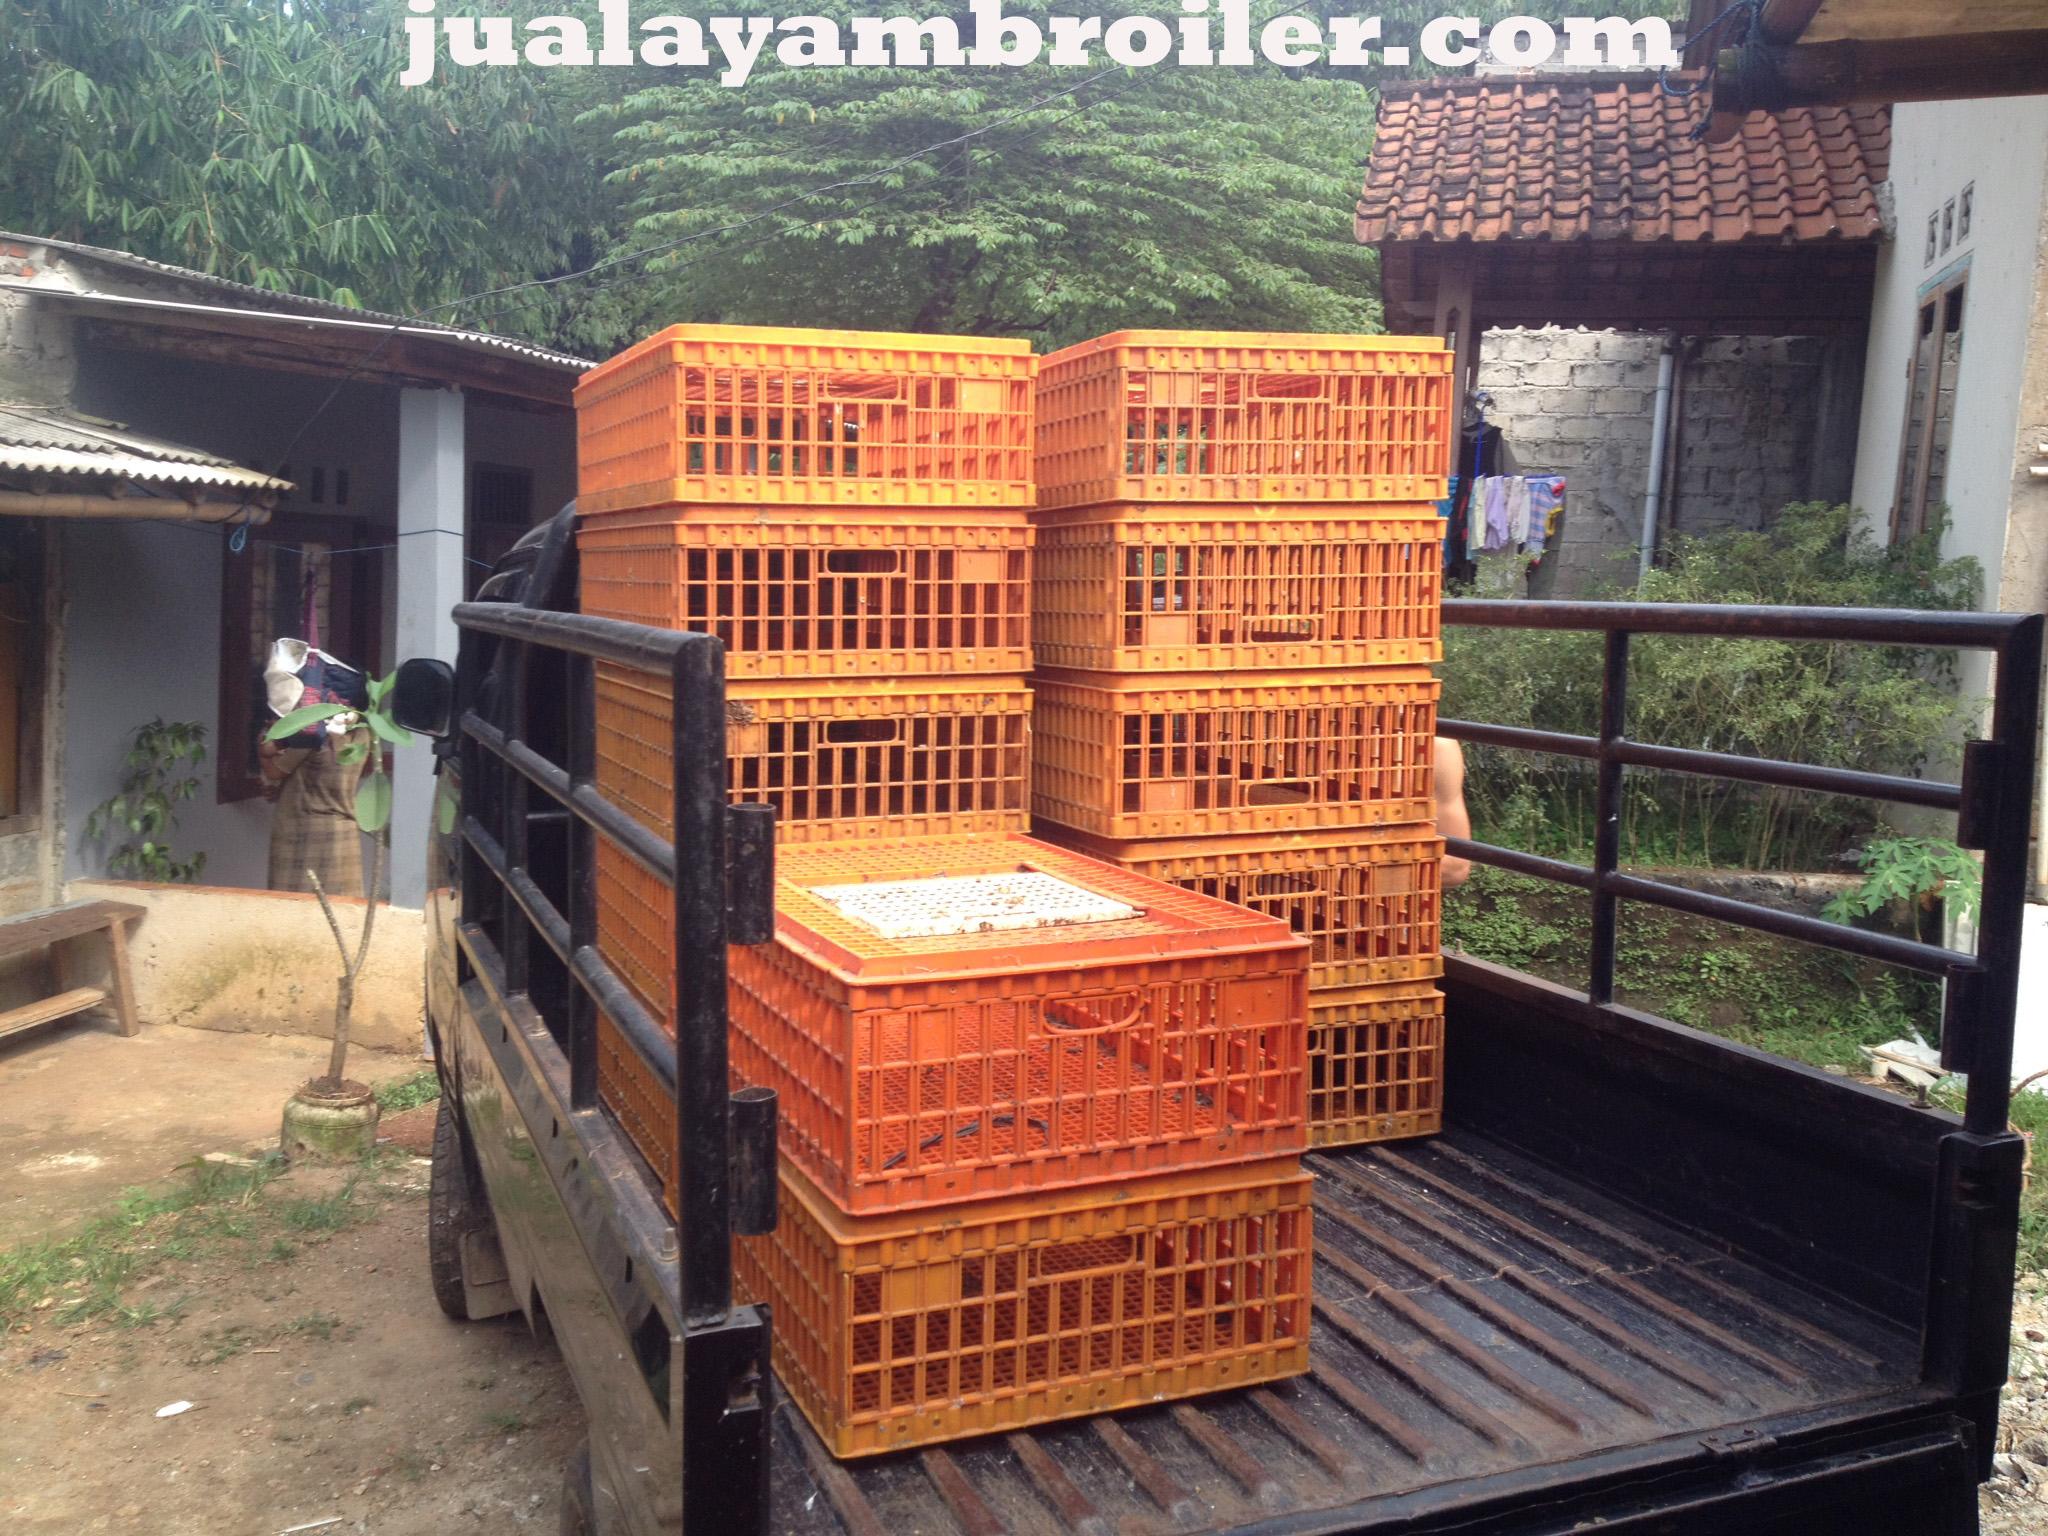 Jual Ayam Broiler di Dramaga Bogor